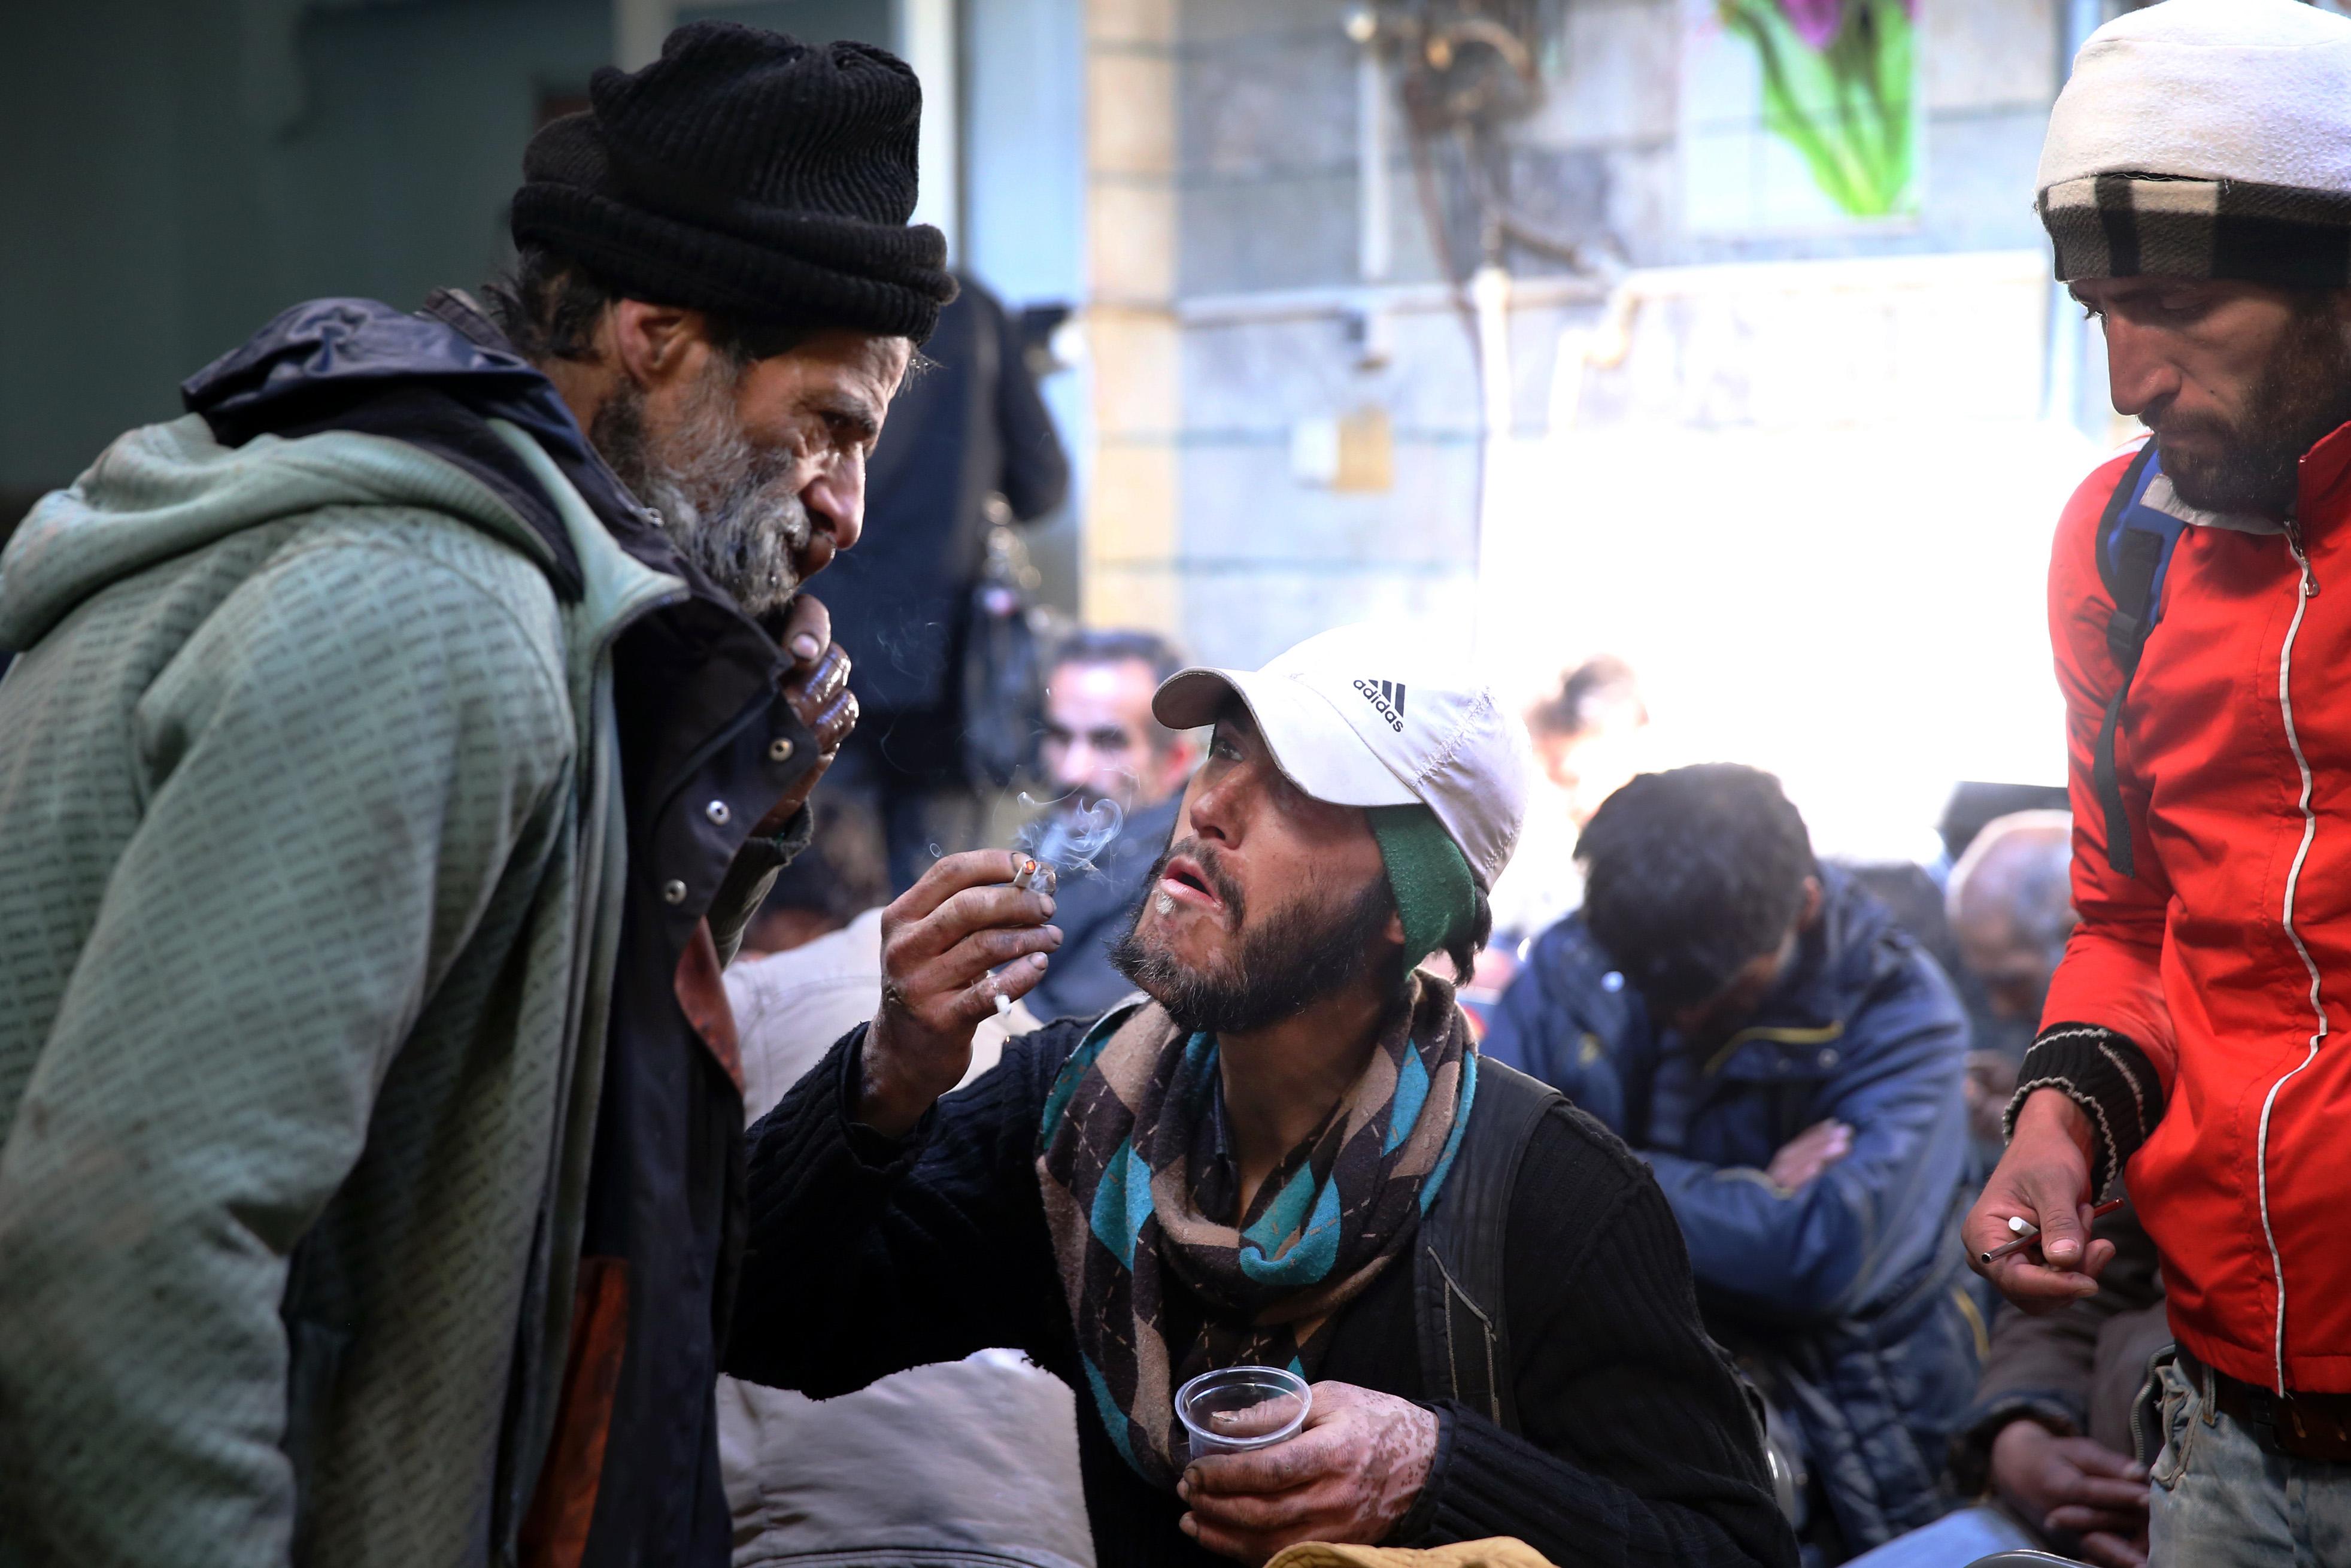 مواد مخدربزرگترین بحران اجتماعی در ایران